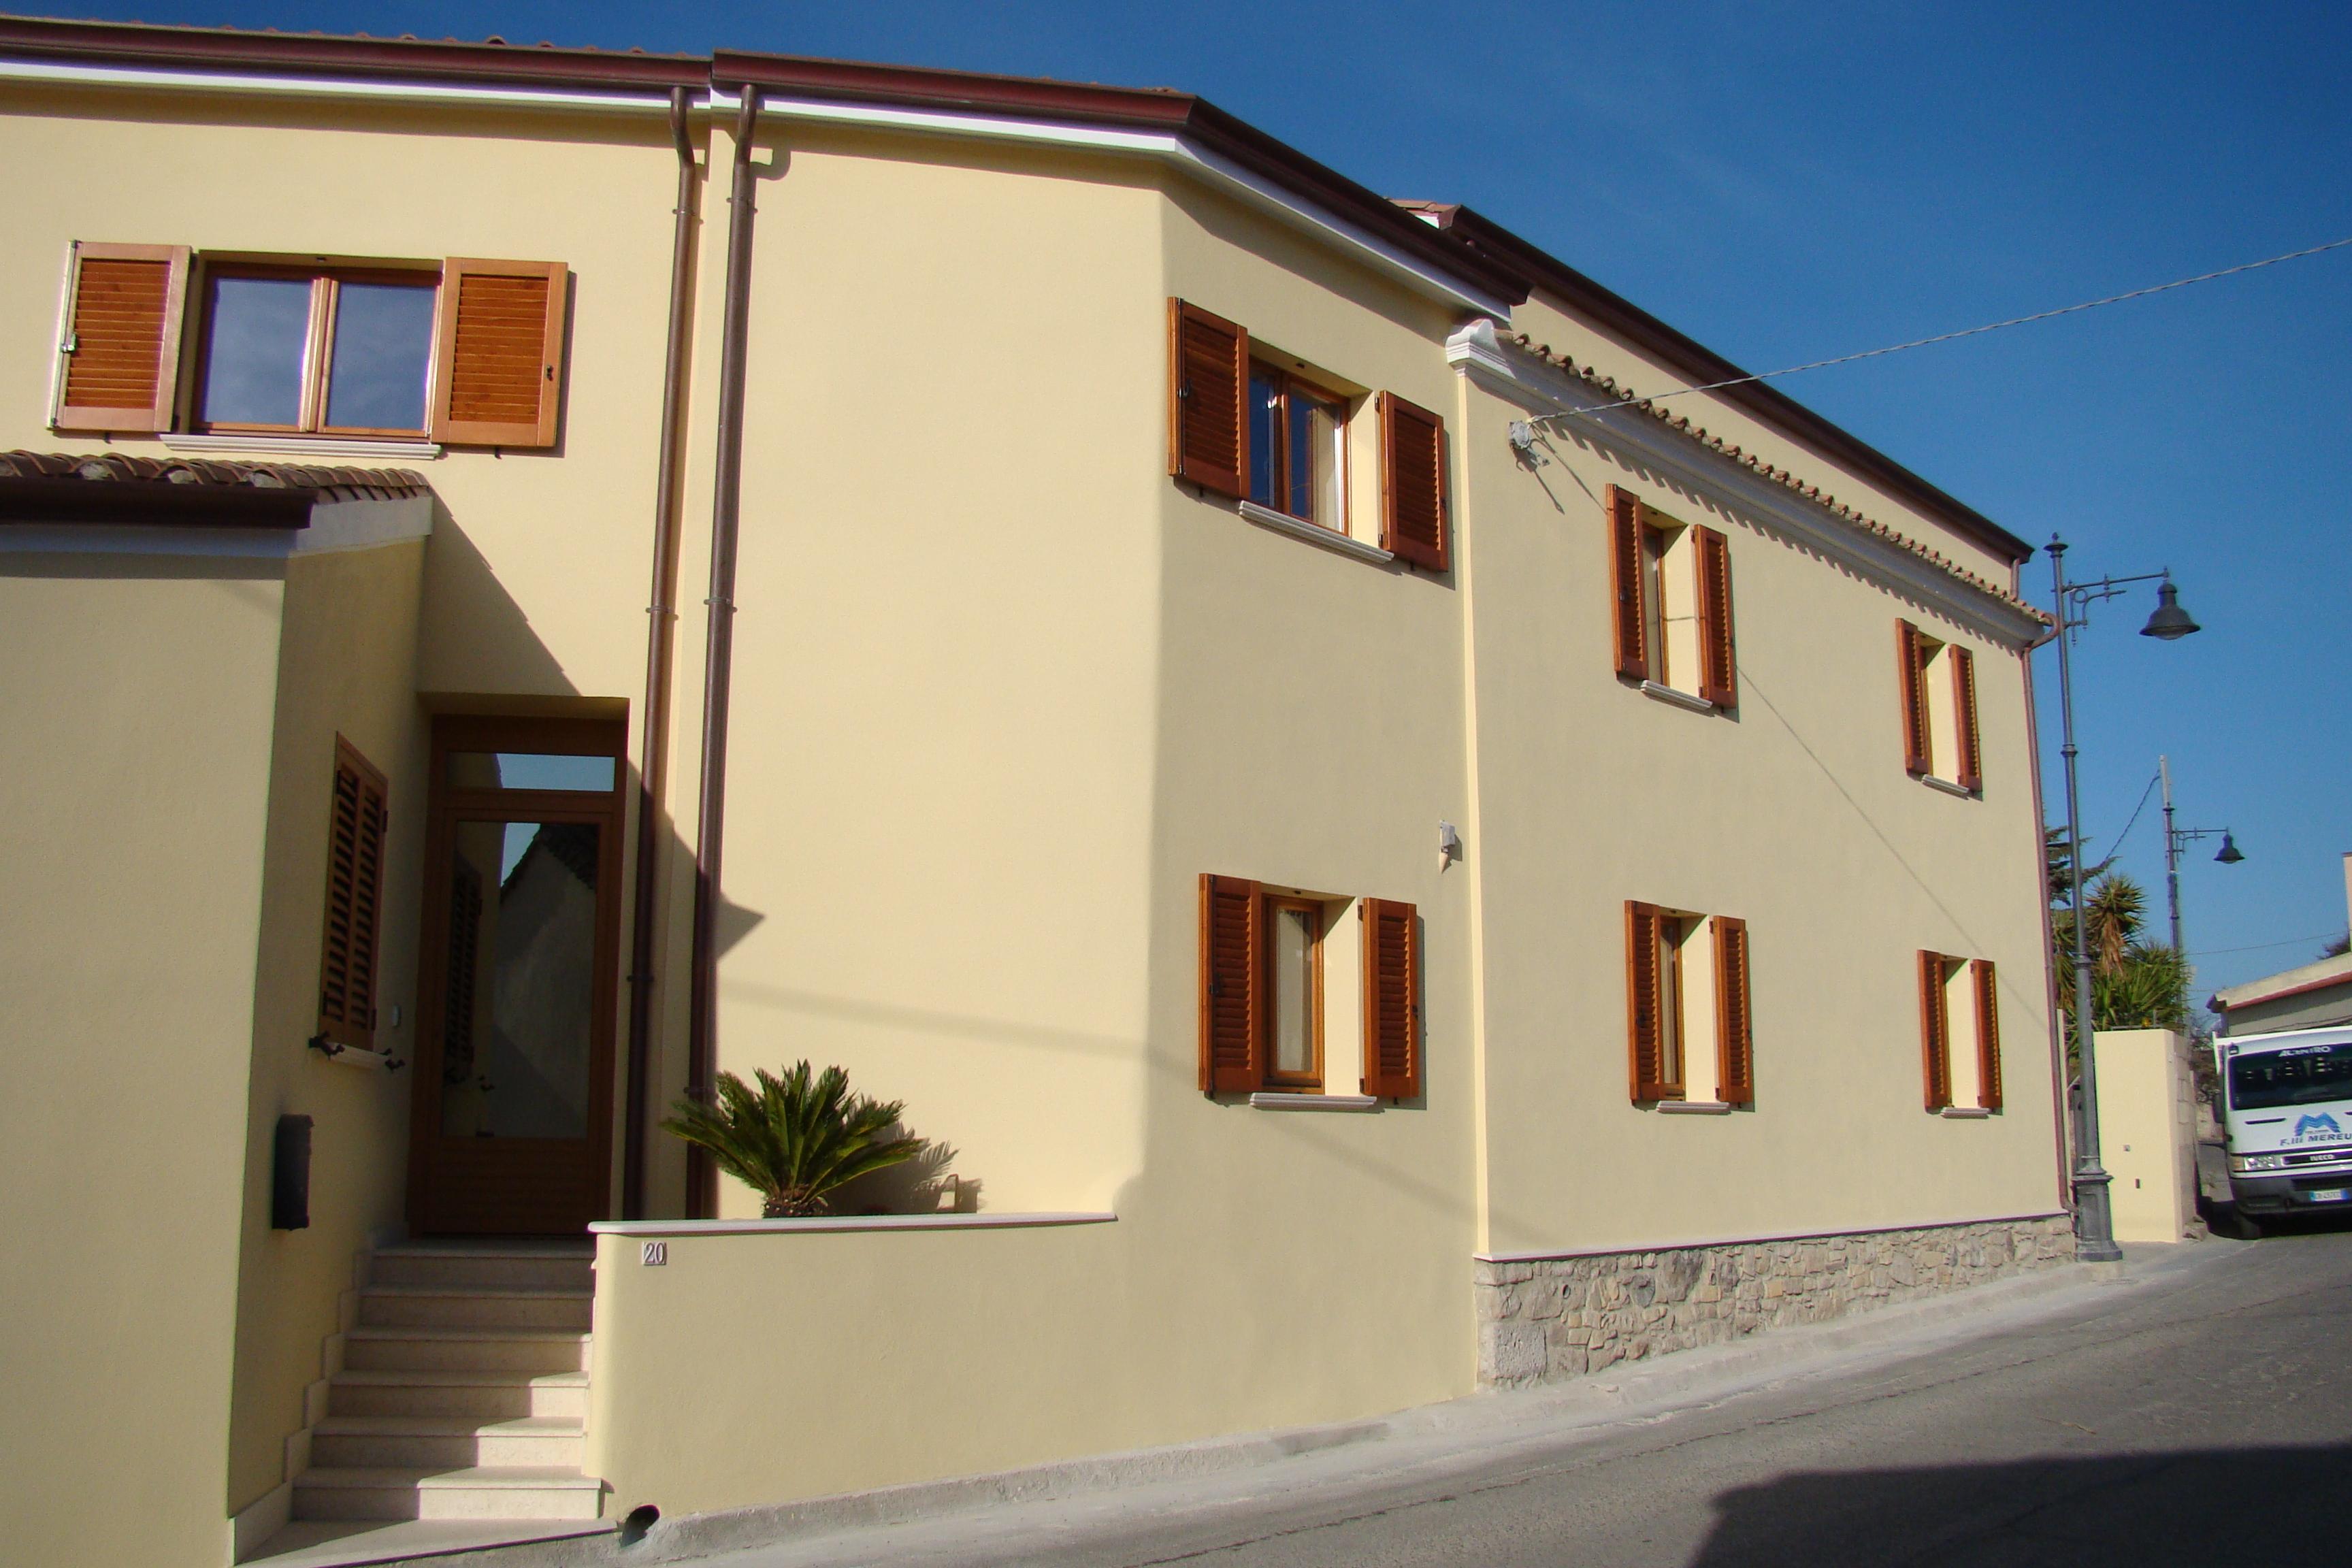 Rivestimento zoccolo esterno casa decorare la tua casa - Ghirlande luminose per esterno ...